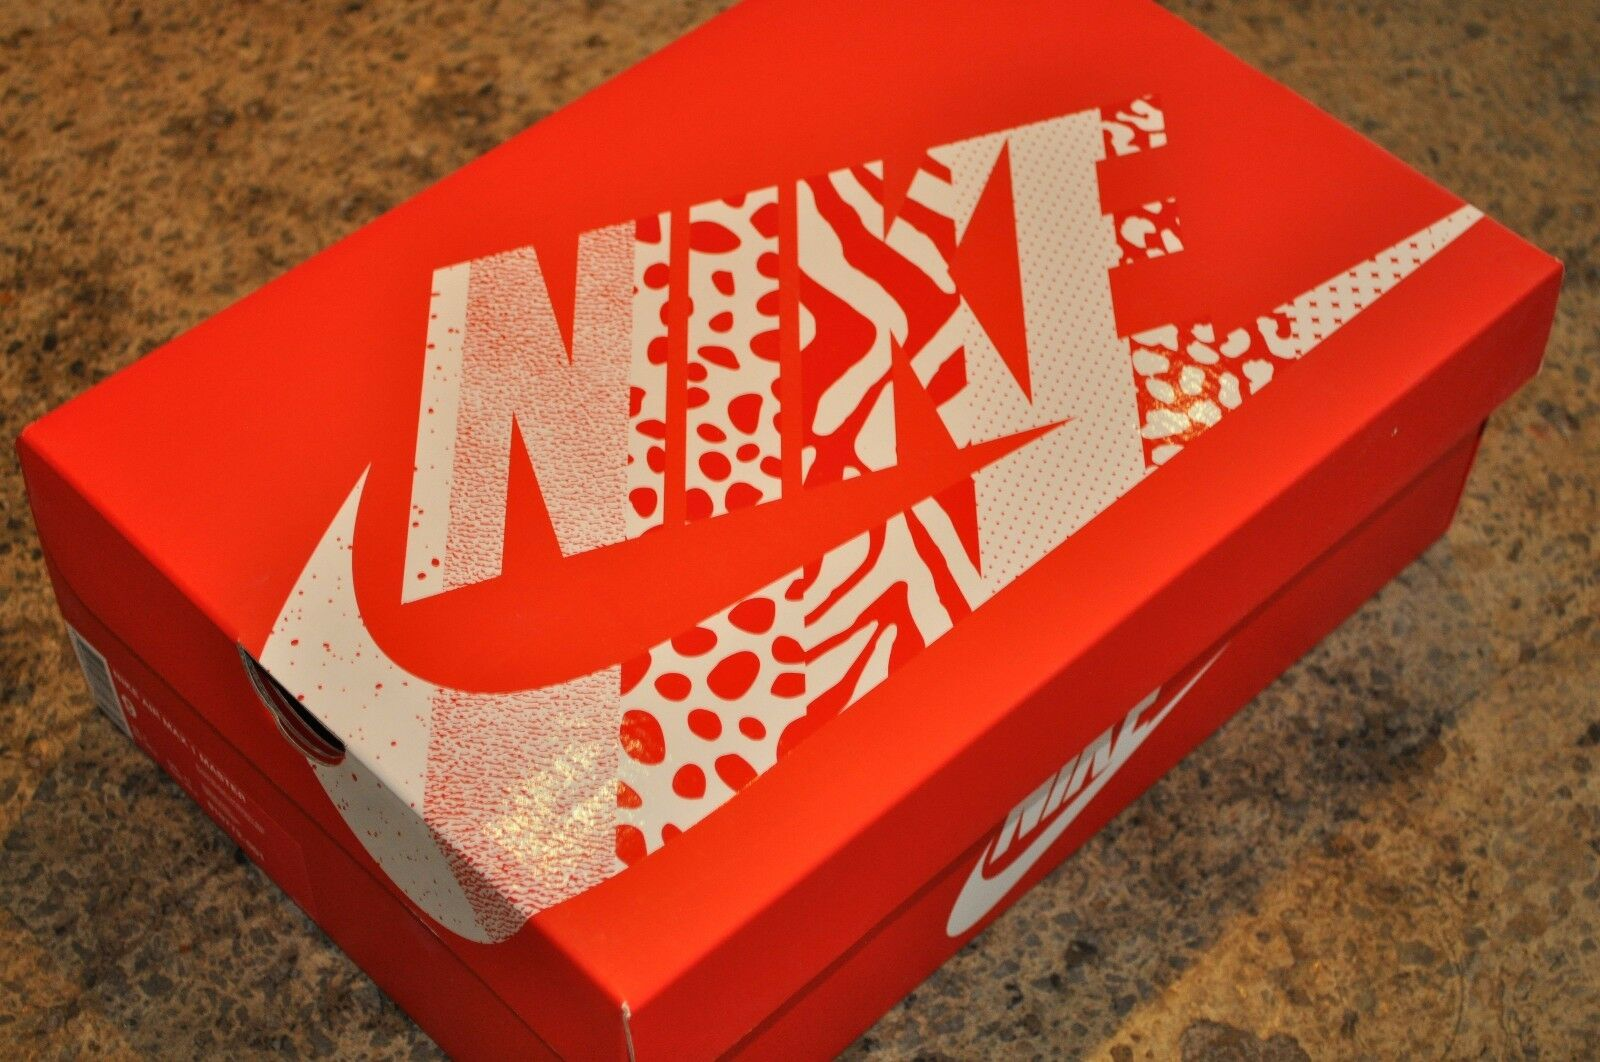 Nike air max 1    maestro    nero   rosso nero university | Moda E Pacchetti Interessanti  | Scolaro/Signora Scarpa  0e0e0a